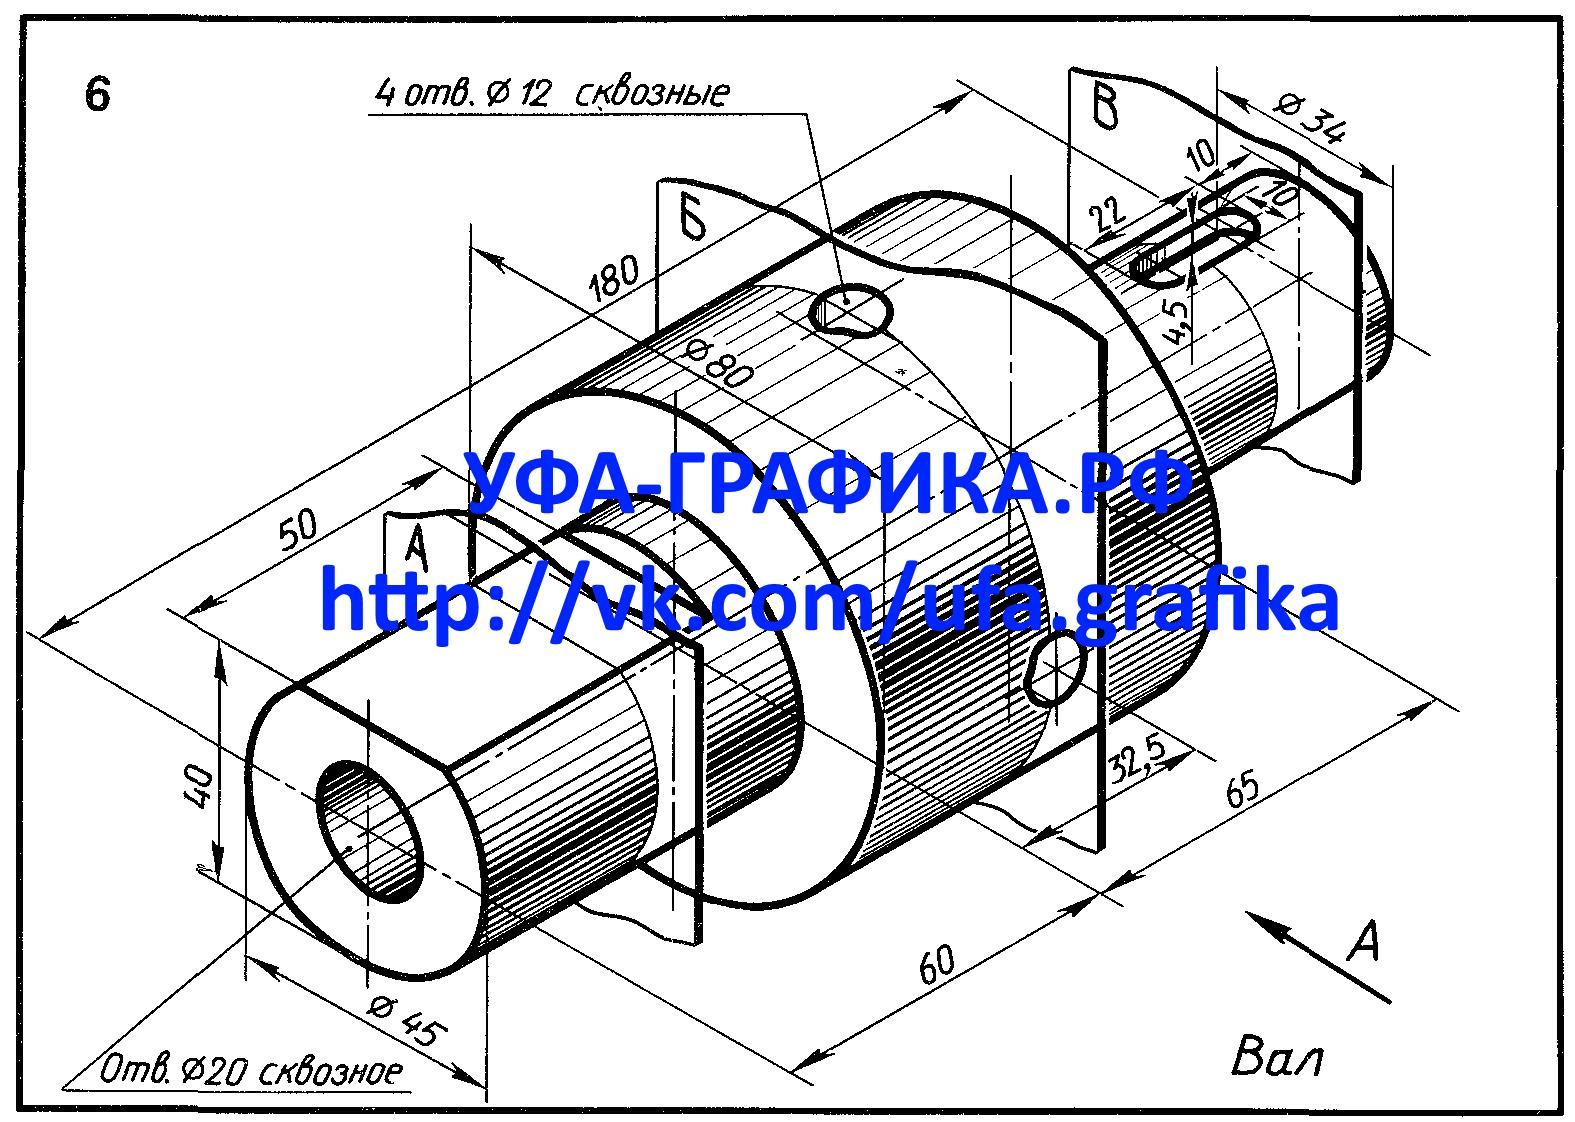 Сечения вала - Вариант 6, чертежи, деталирование, 3Д модели, начертательная геометрия, инженерная графика